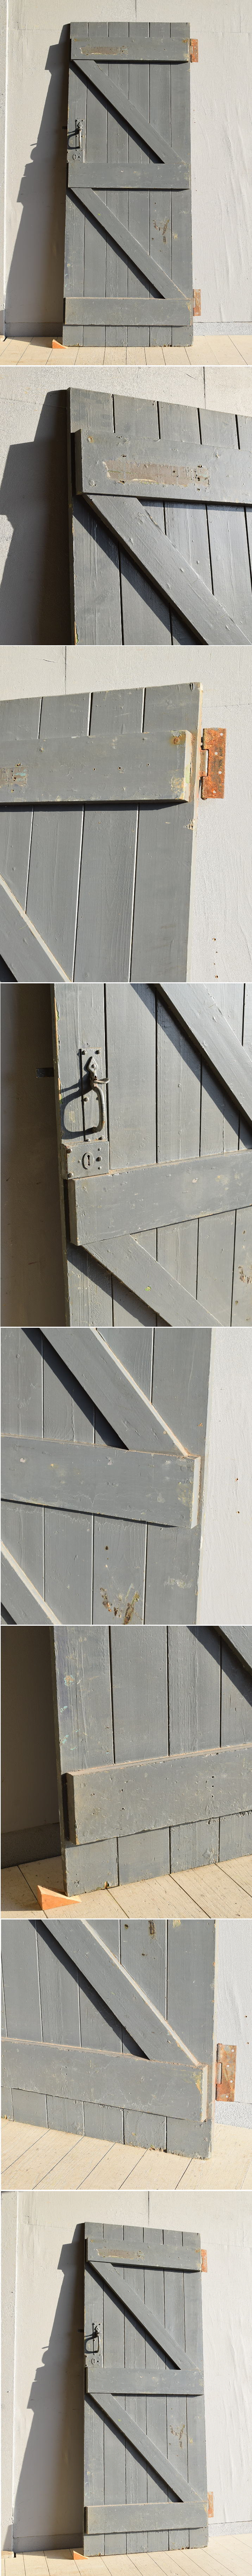 イギリス アンティーク ドア 扉  建具 7857